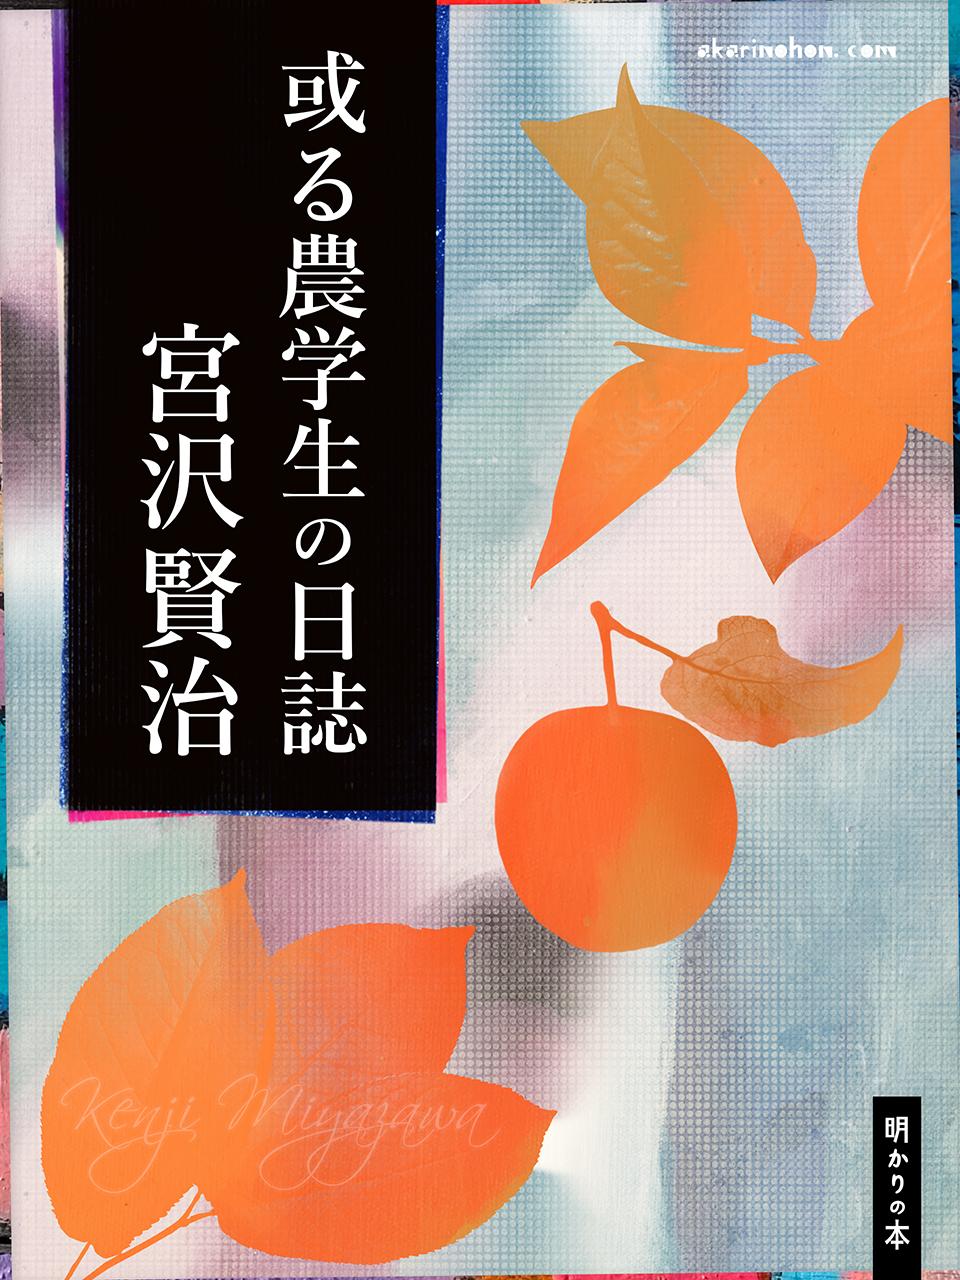 0000 - 或る農学生の日誌 宮沢賢治